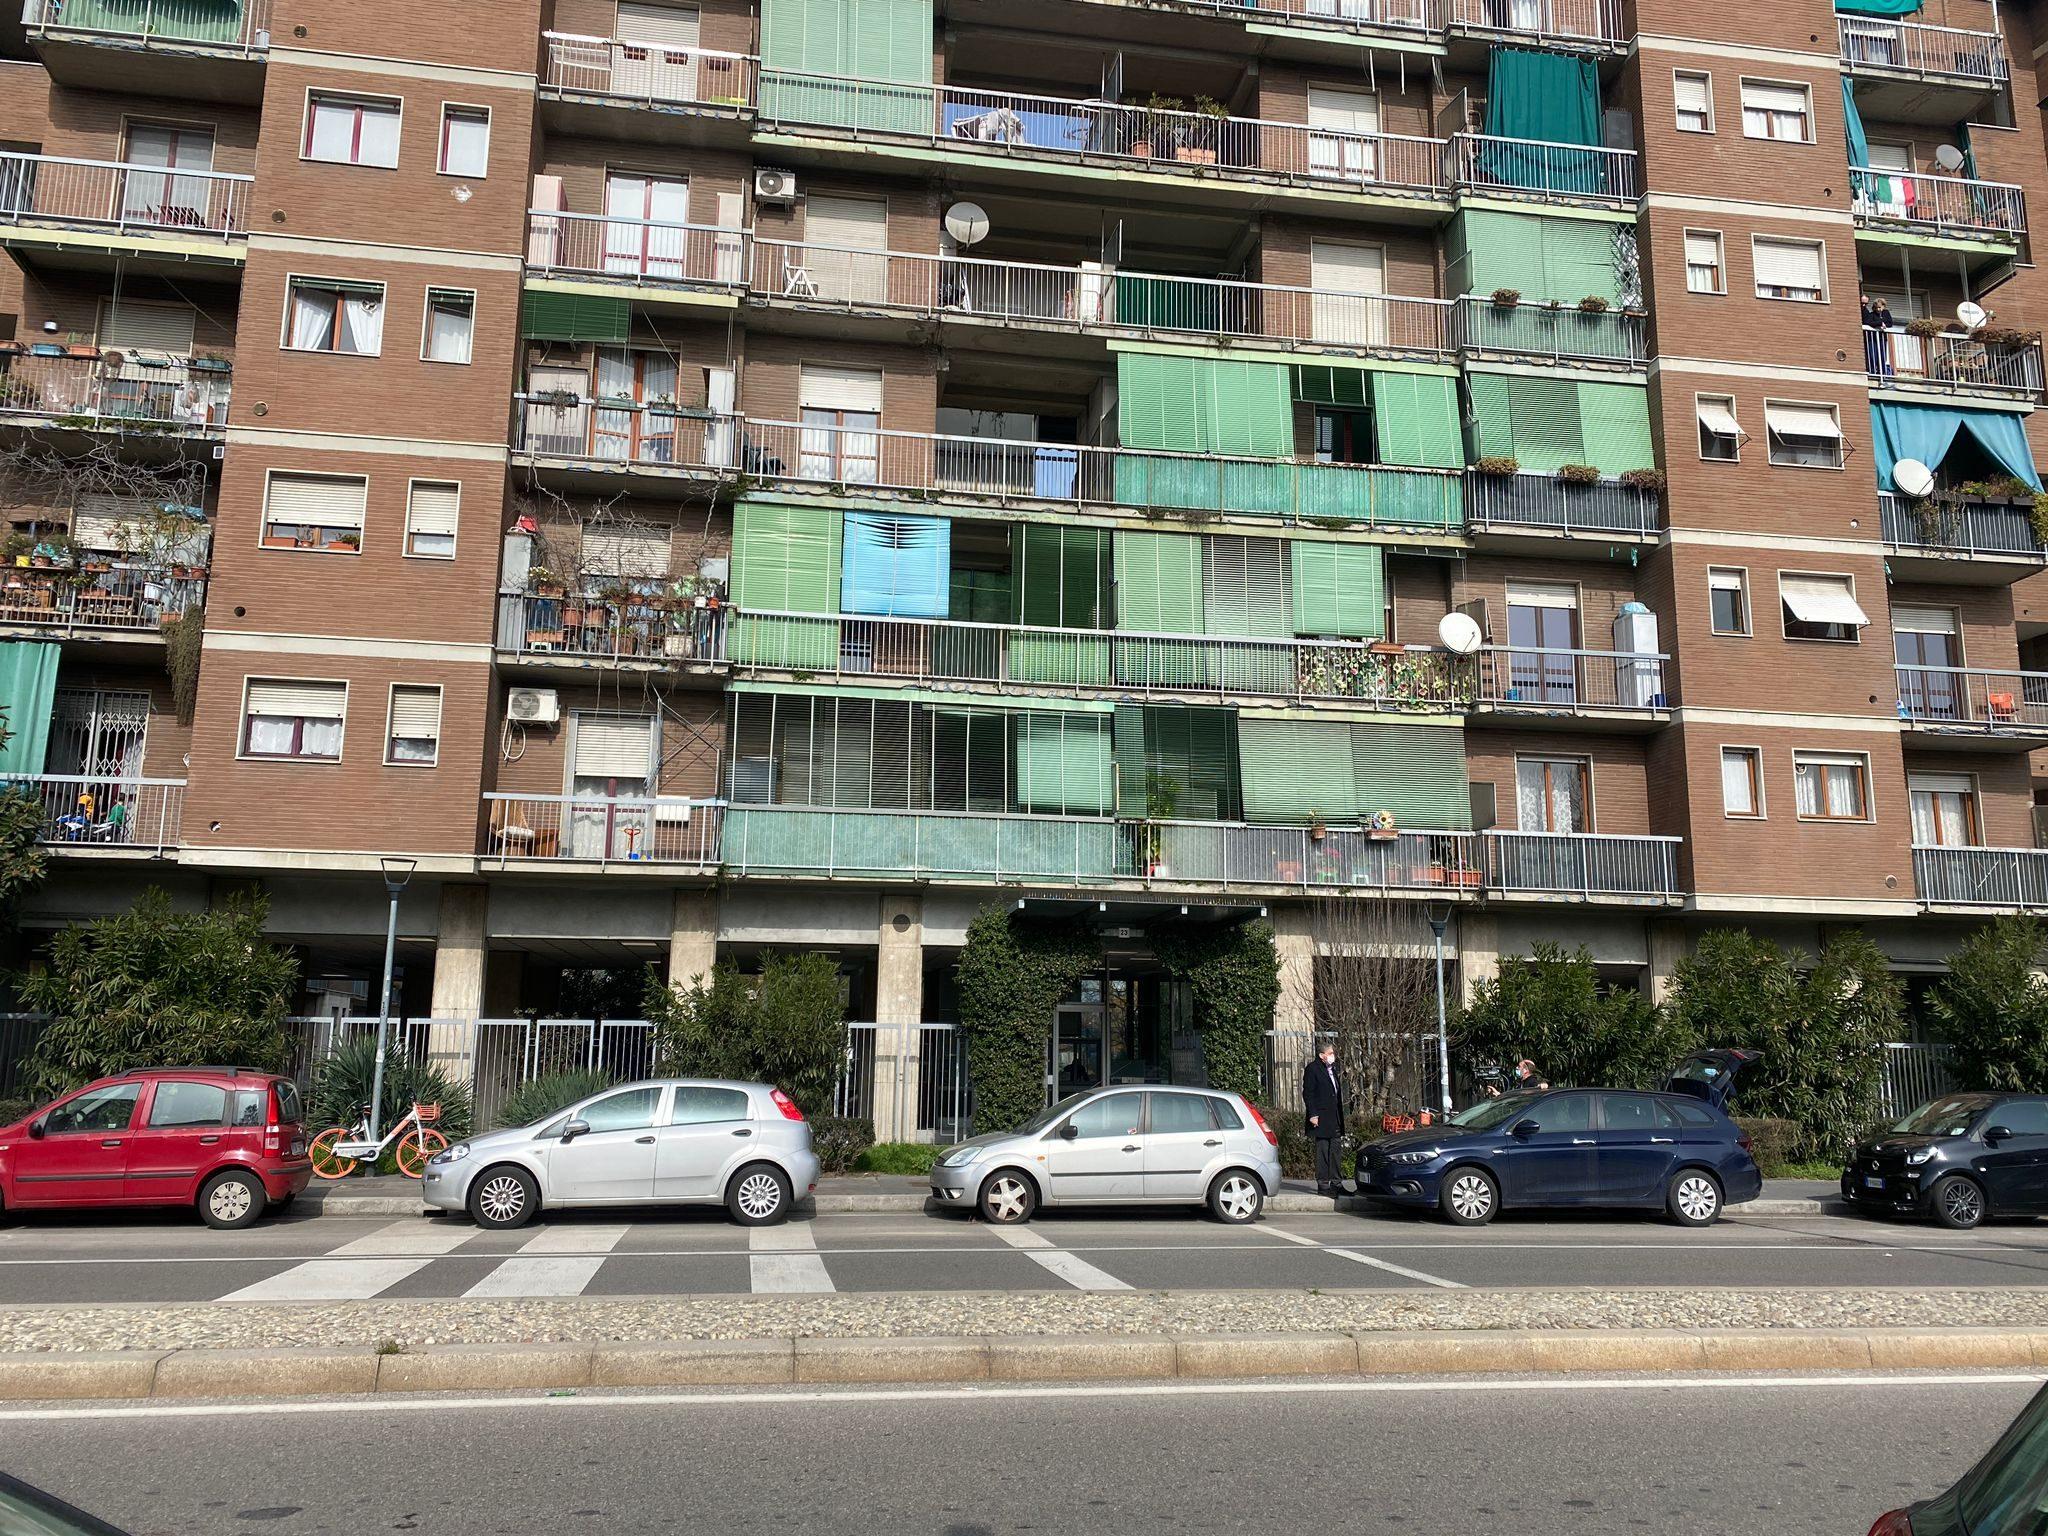 Il palazzo in cui abitava la vittima (Foto: Giancristofaro/Fanpage.it)